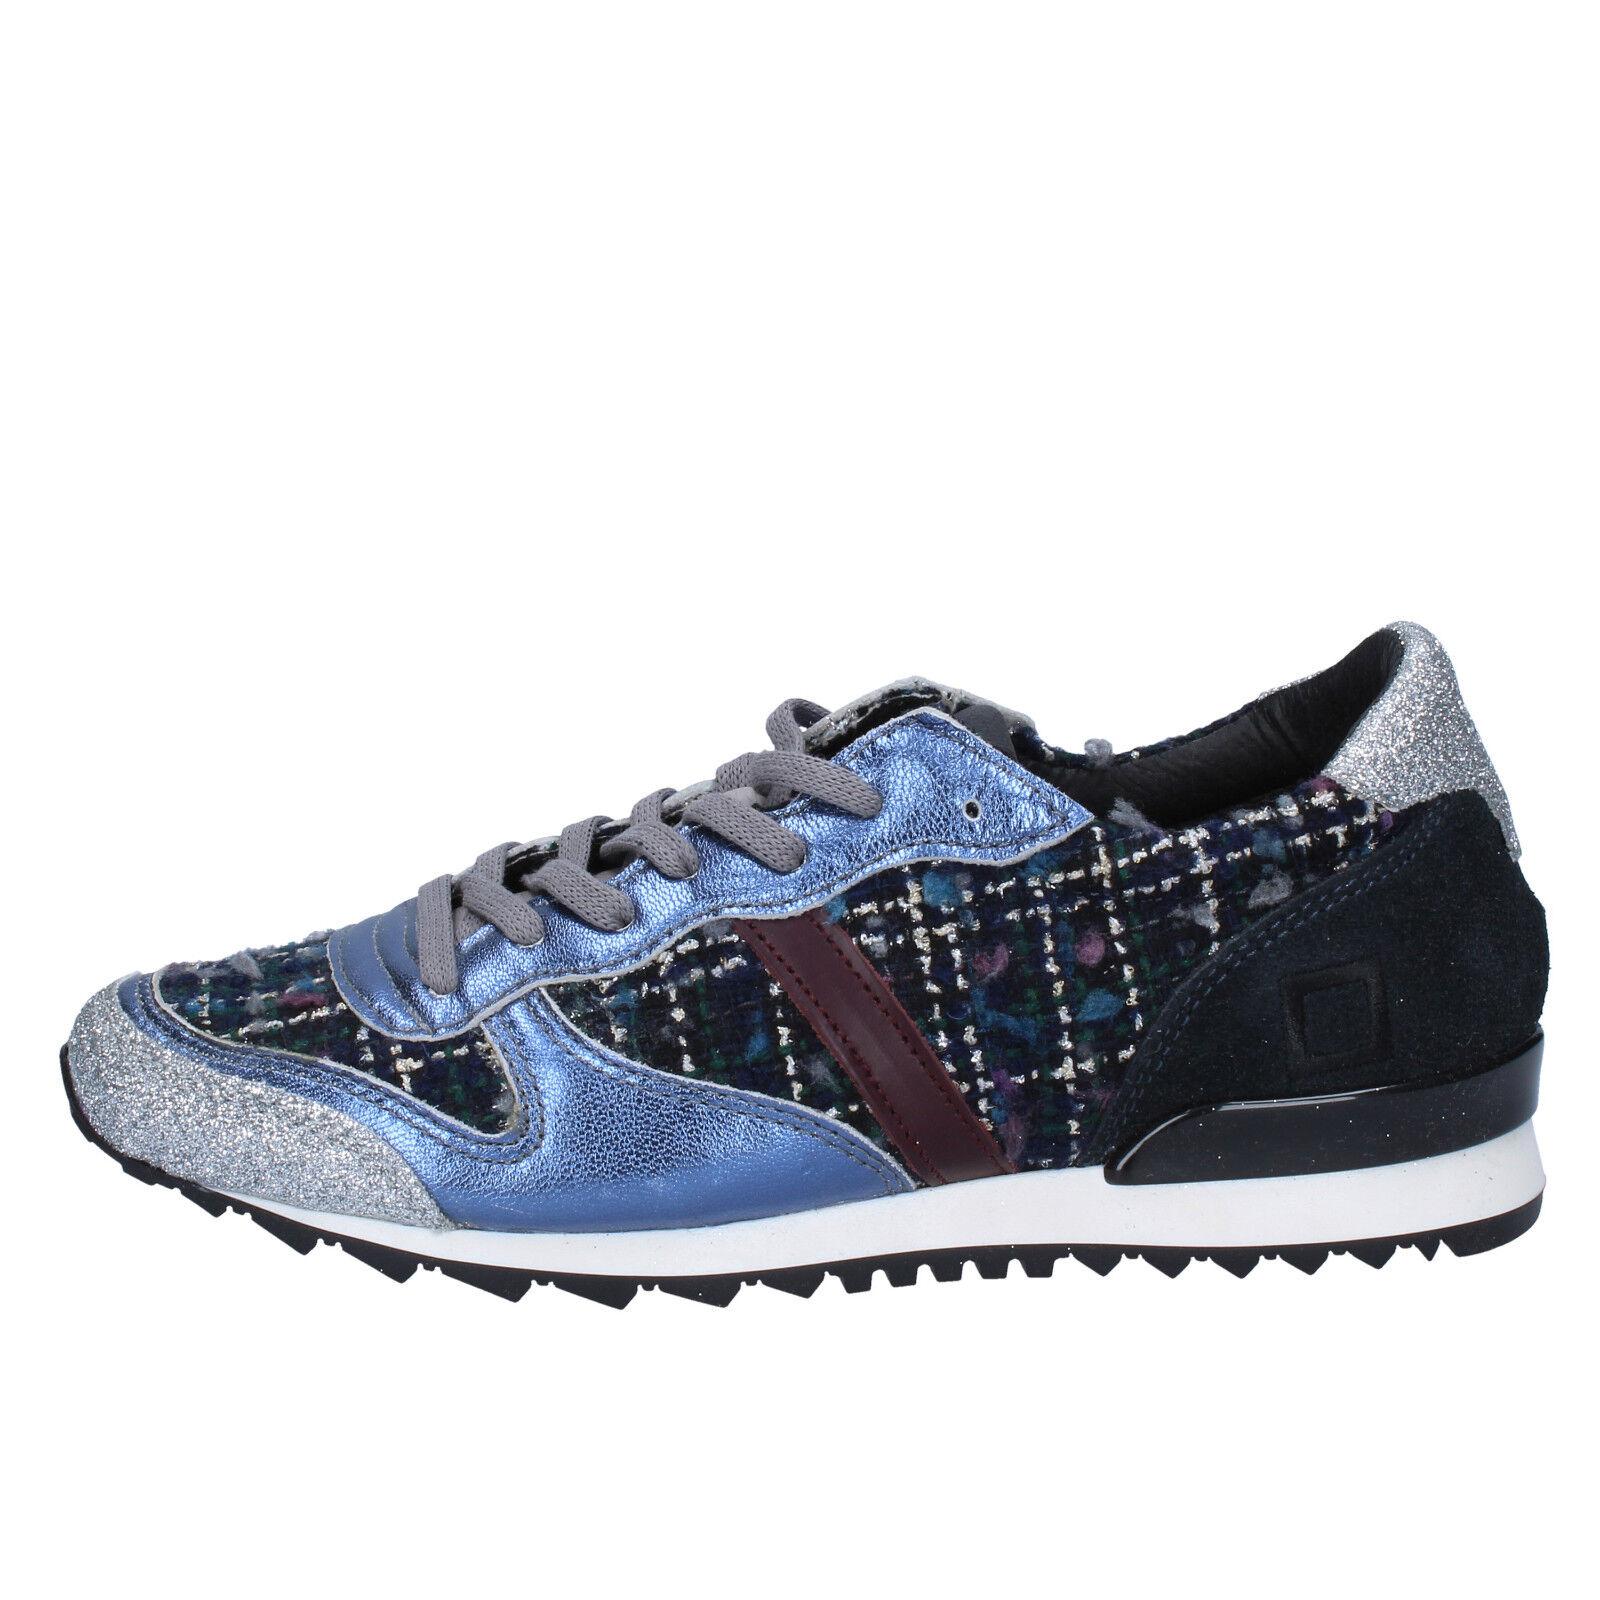 women's shoes D.A.T.E. ( date ) 6,5 () sneakers blue silver textile BX59-37